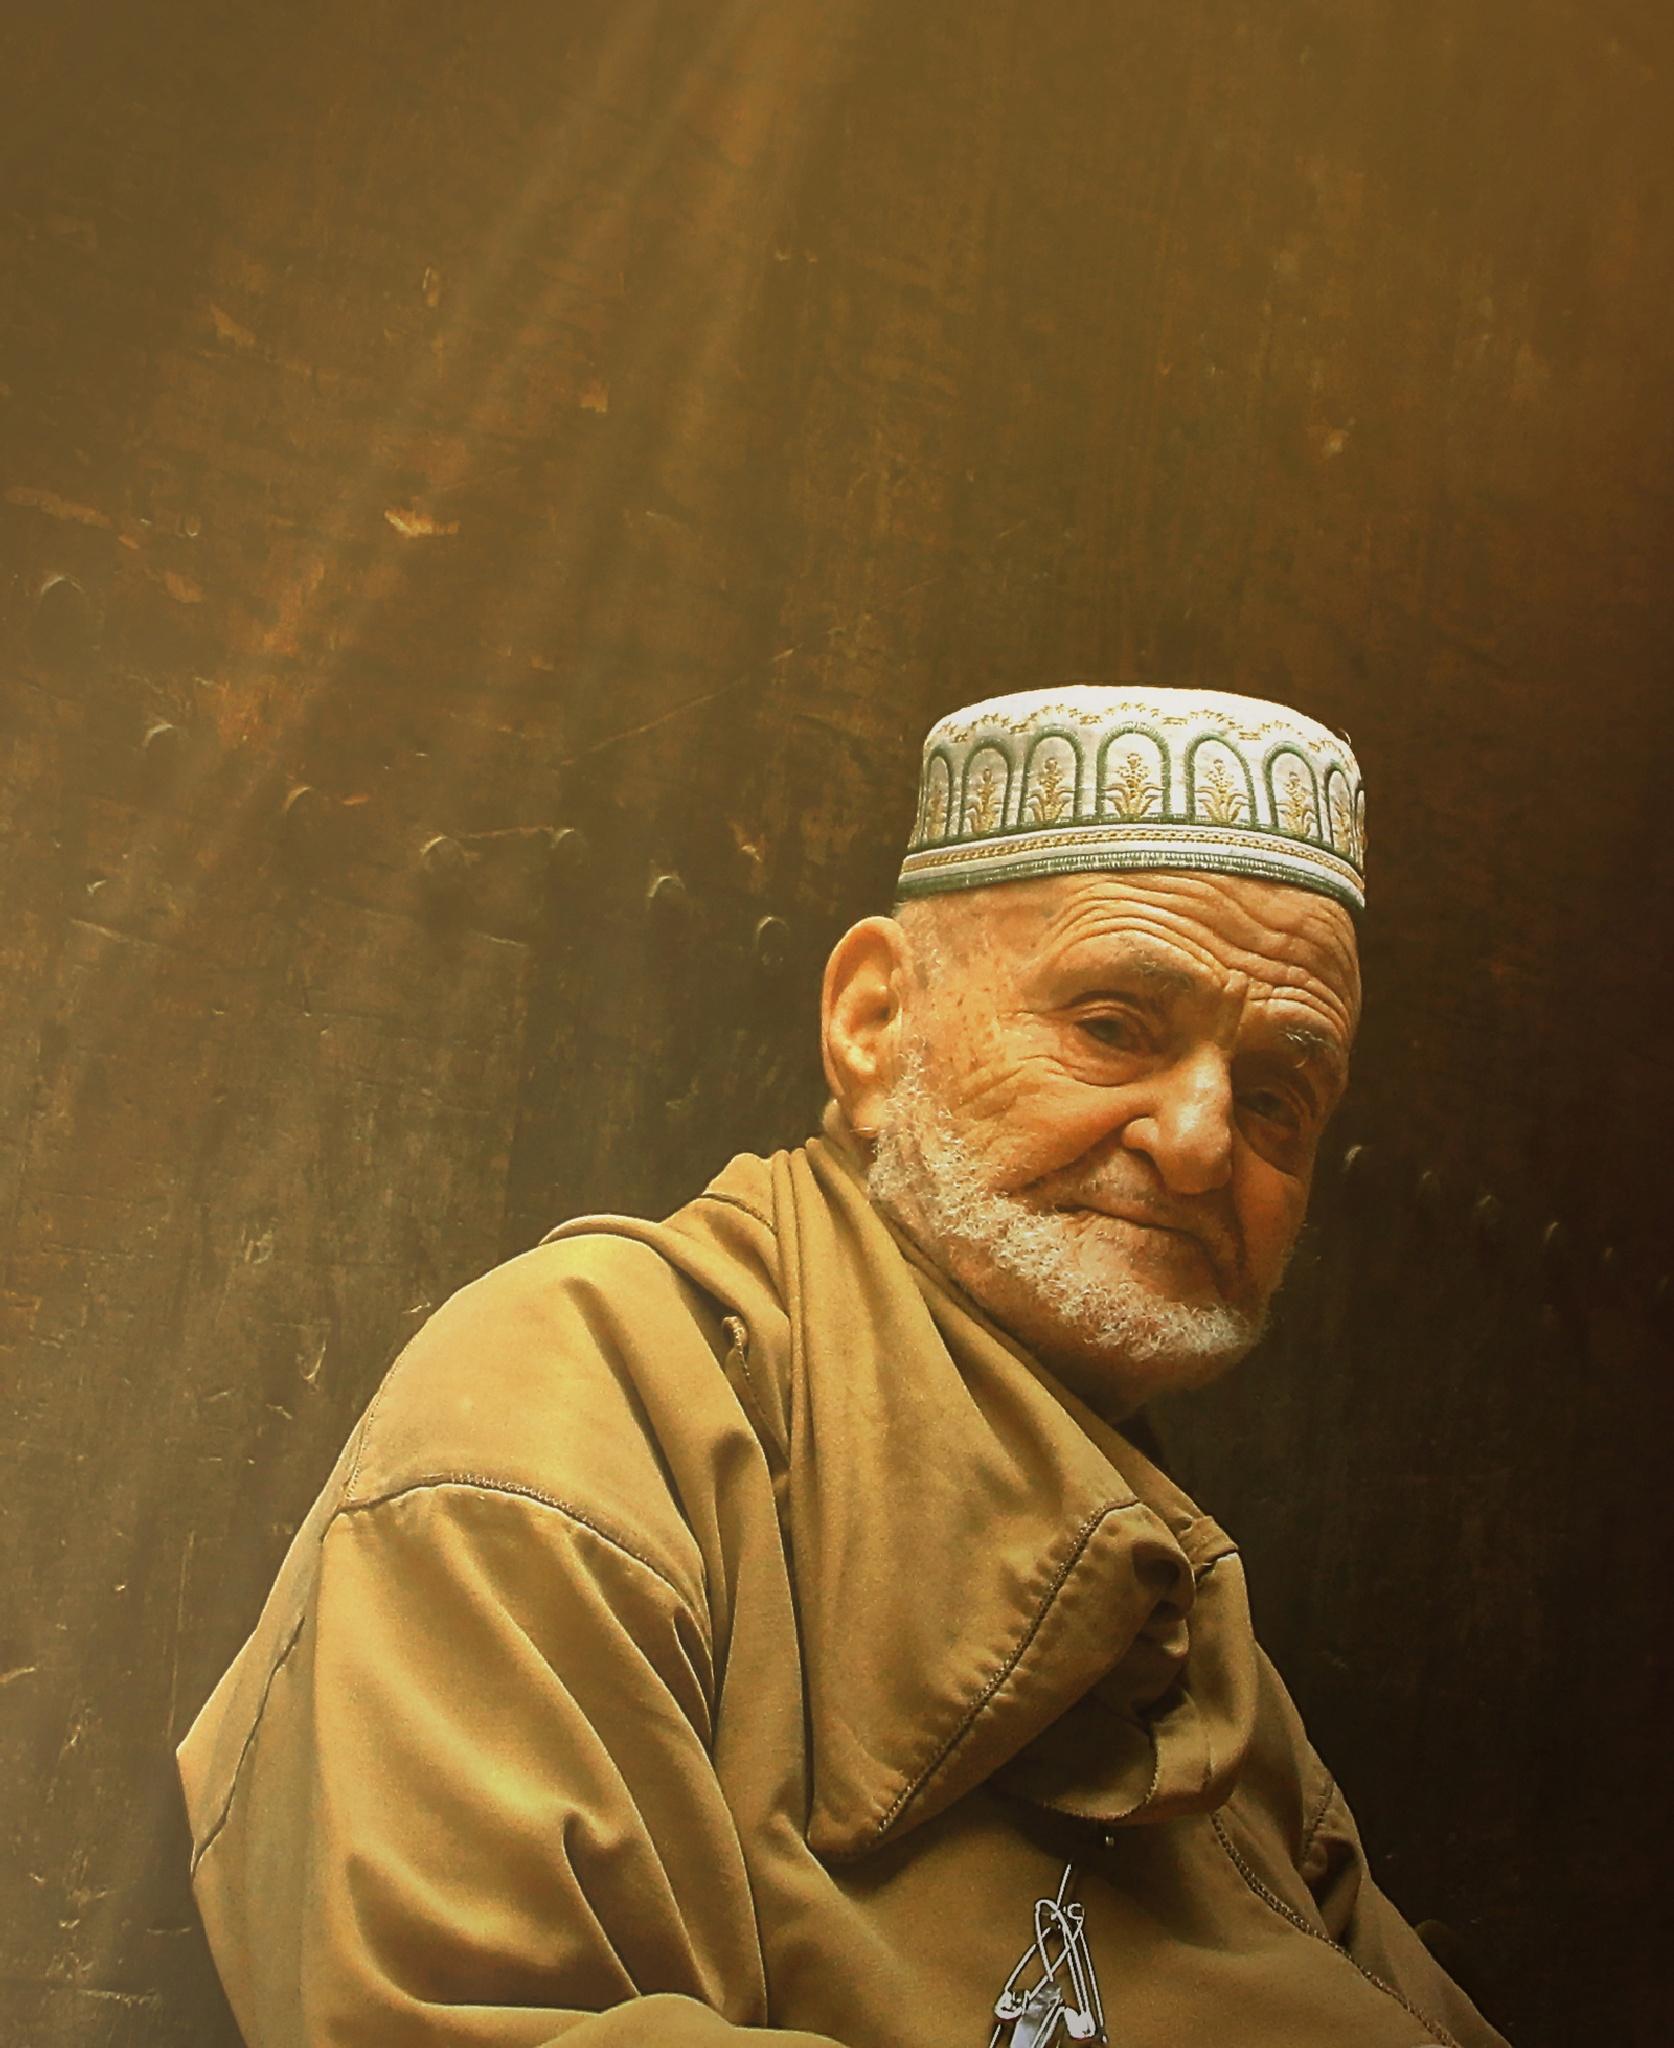 The story teller by mohamed.srai.3